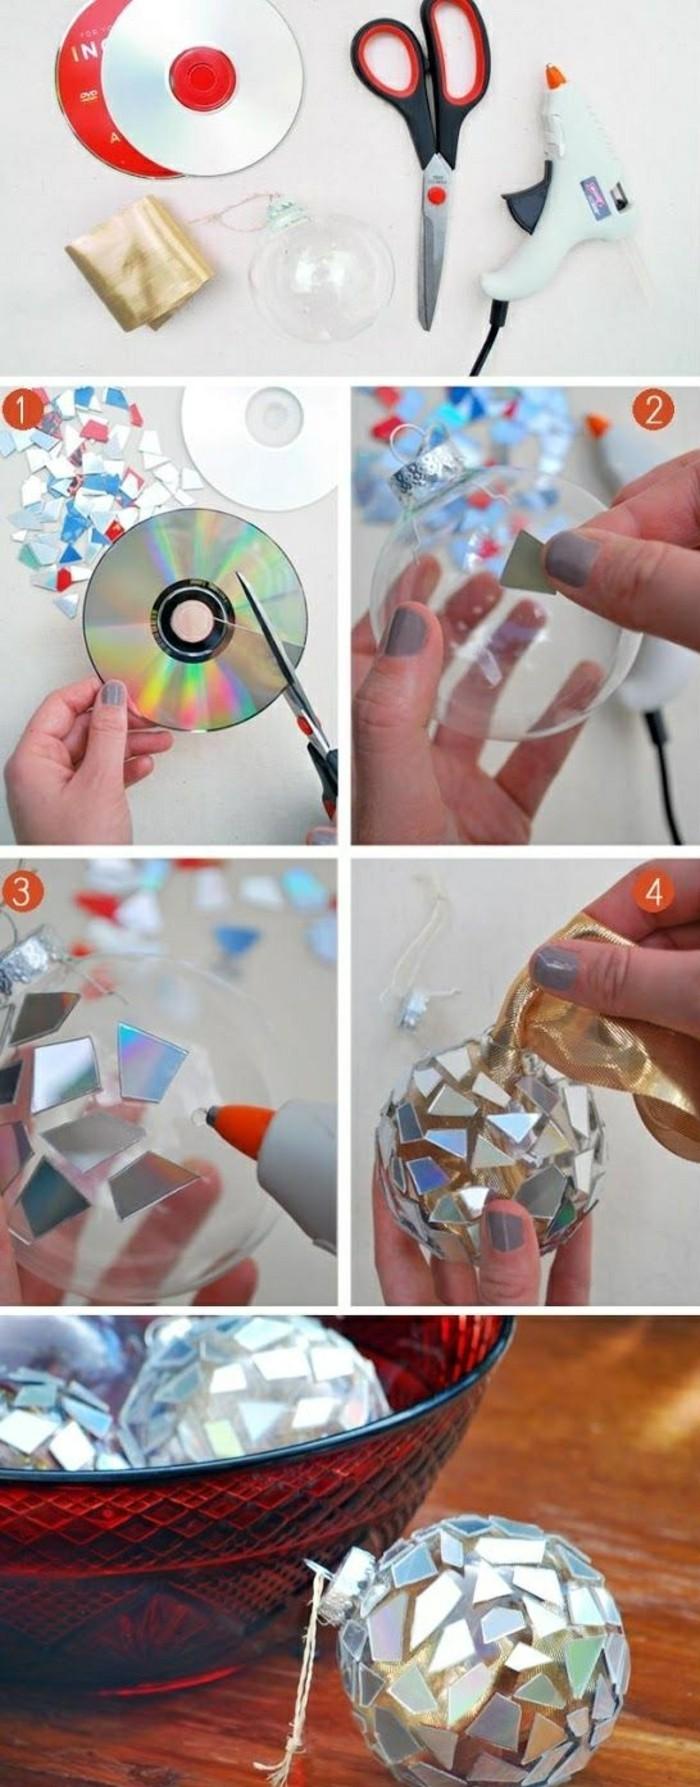 Weihnachtsschmuck basteln kreative ideen und inspirationen - Glas mit kugeln dekorieren ...